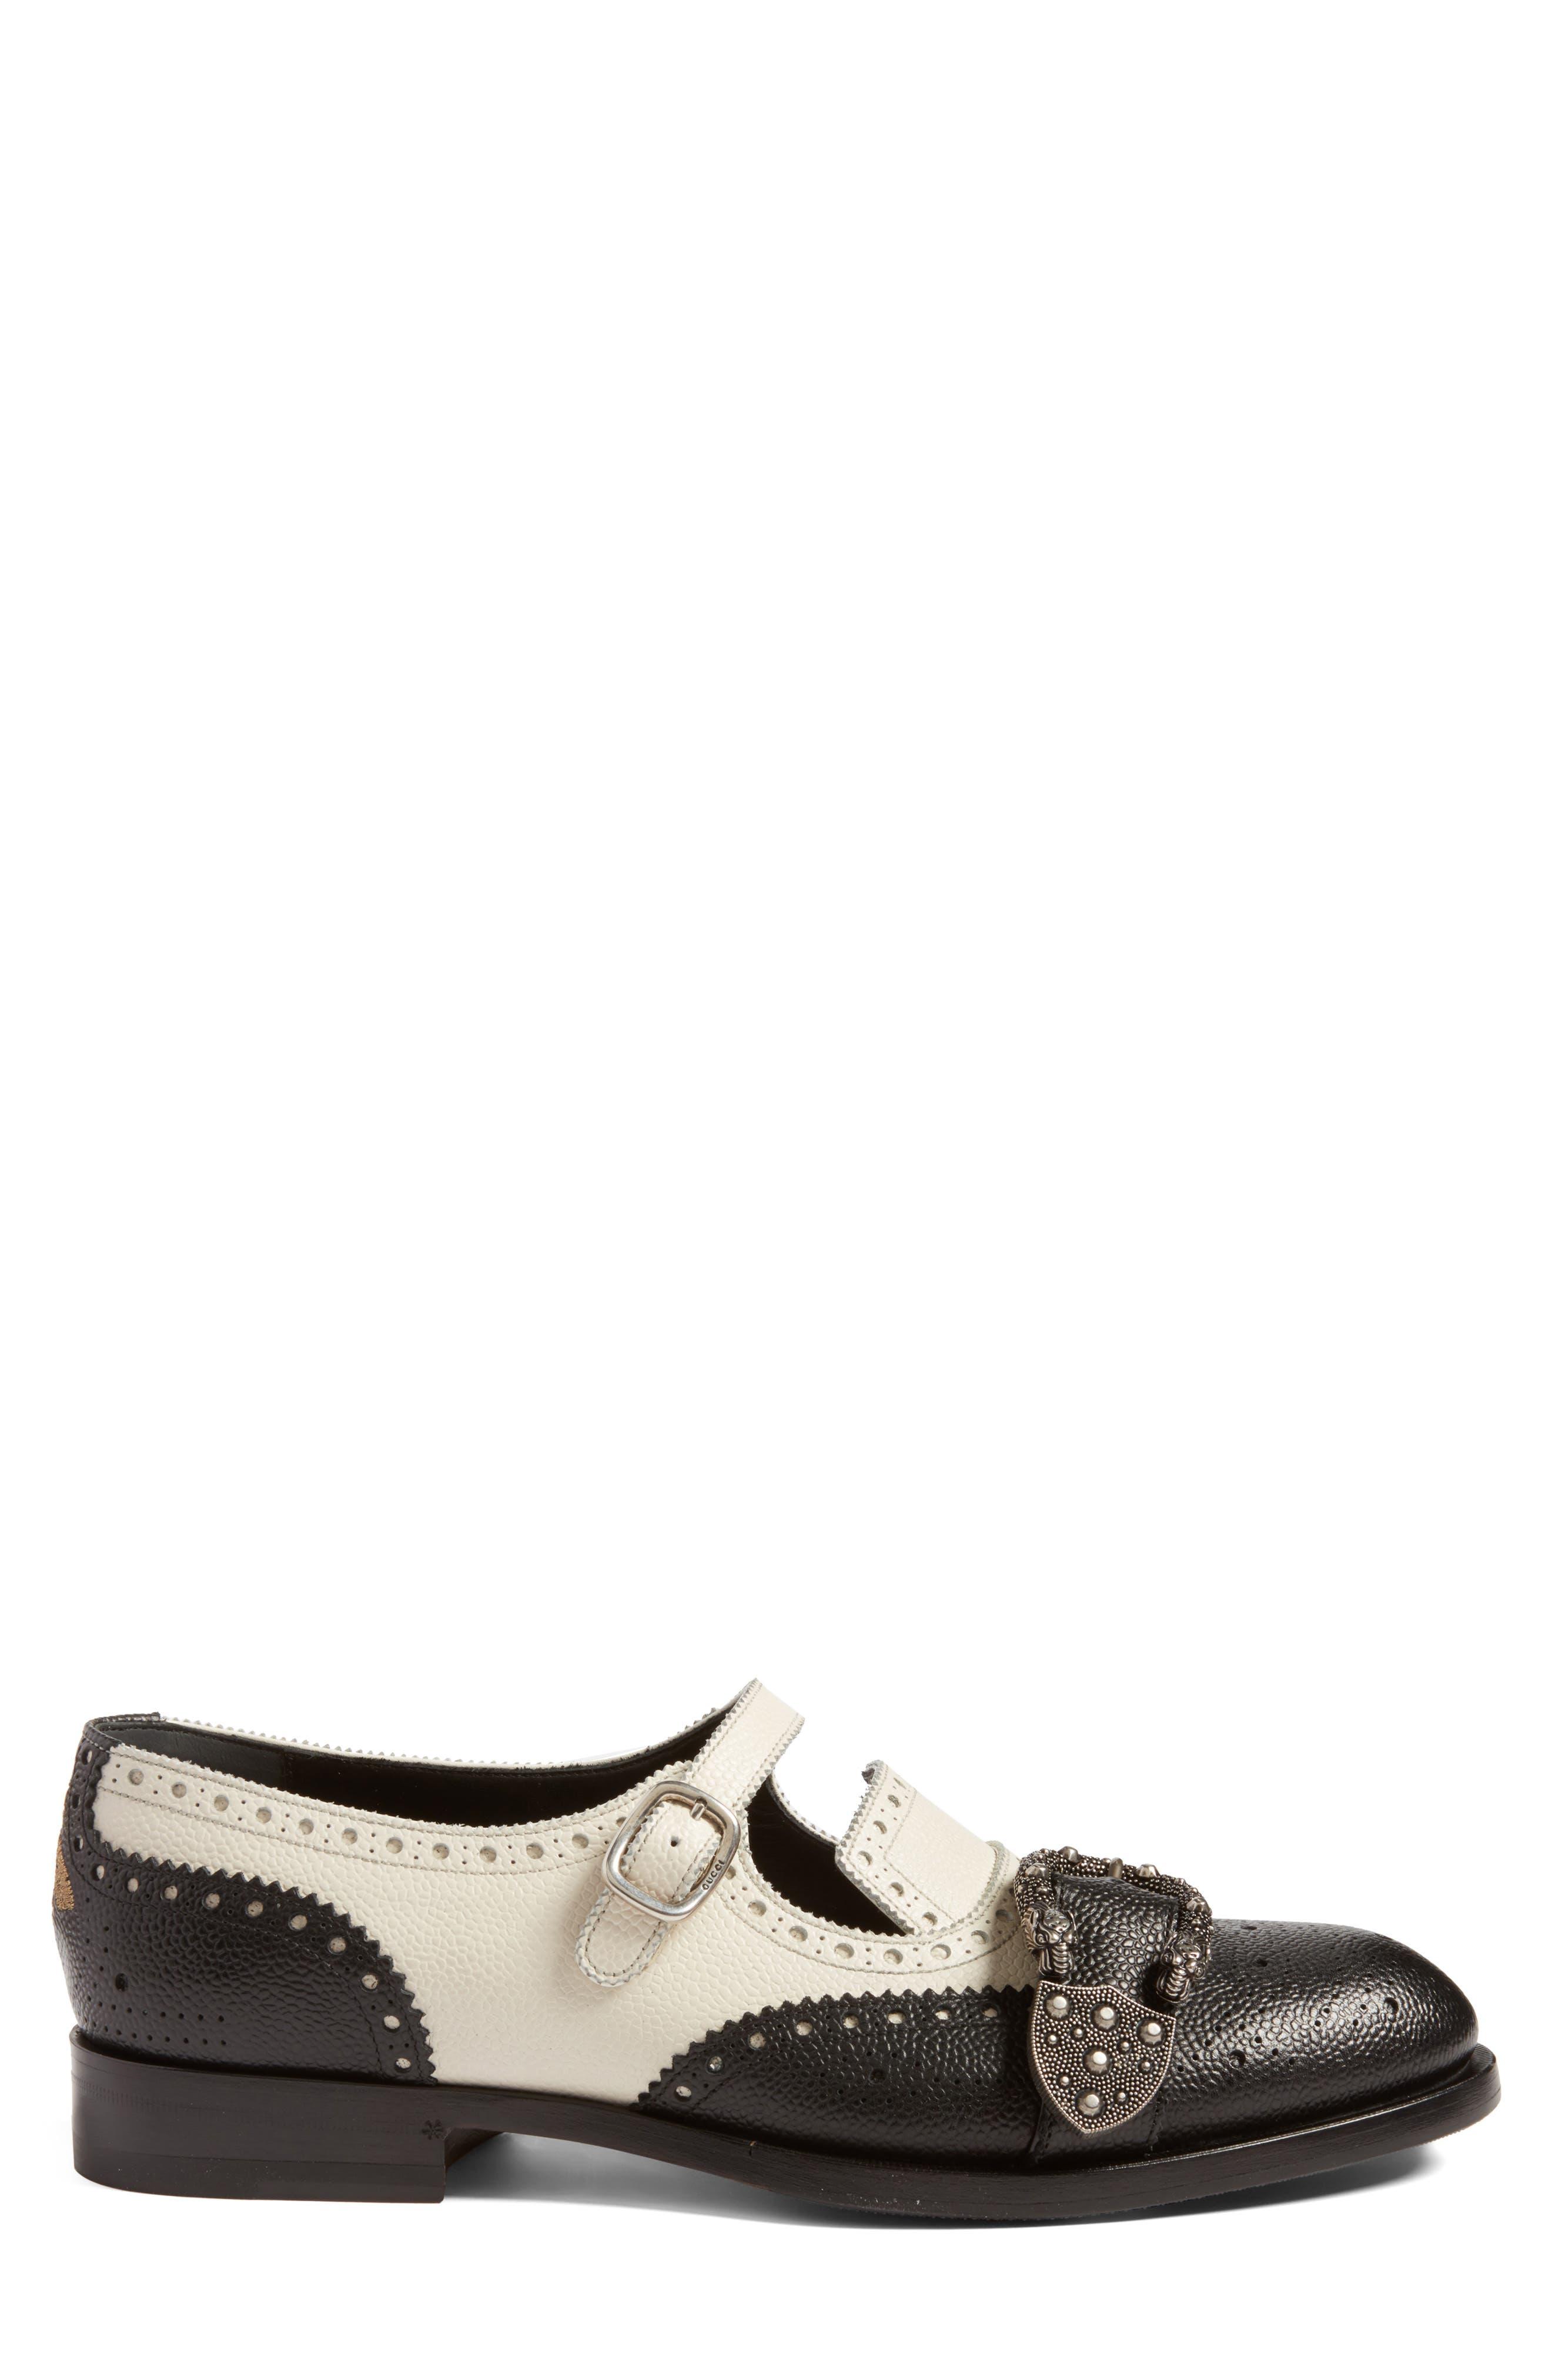 Queercore Brogue Monk Shoe,                             Alternate thumbnail 3, color,                             Black White Multi